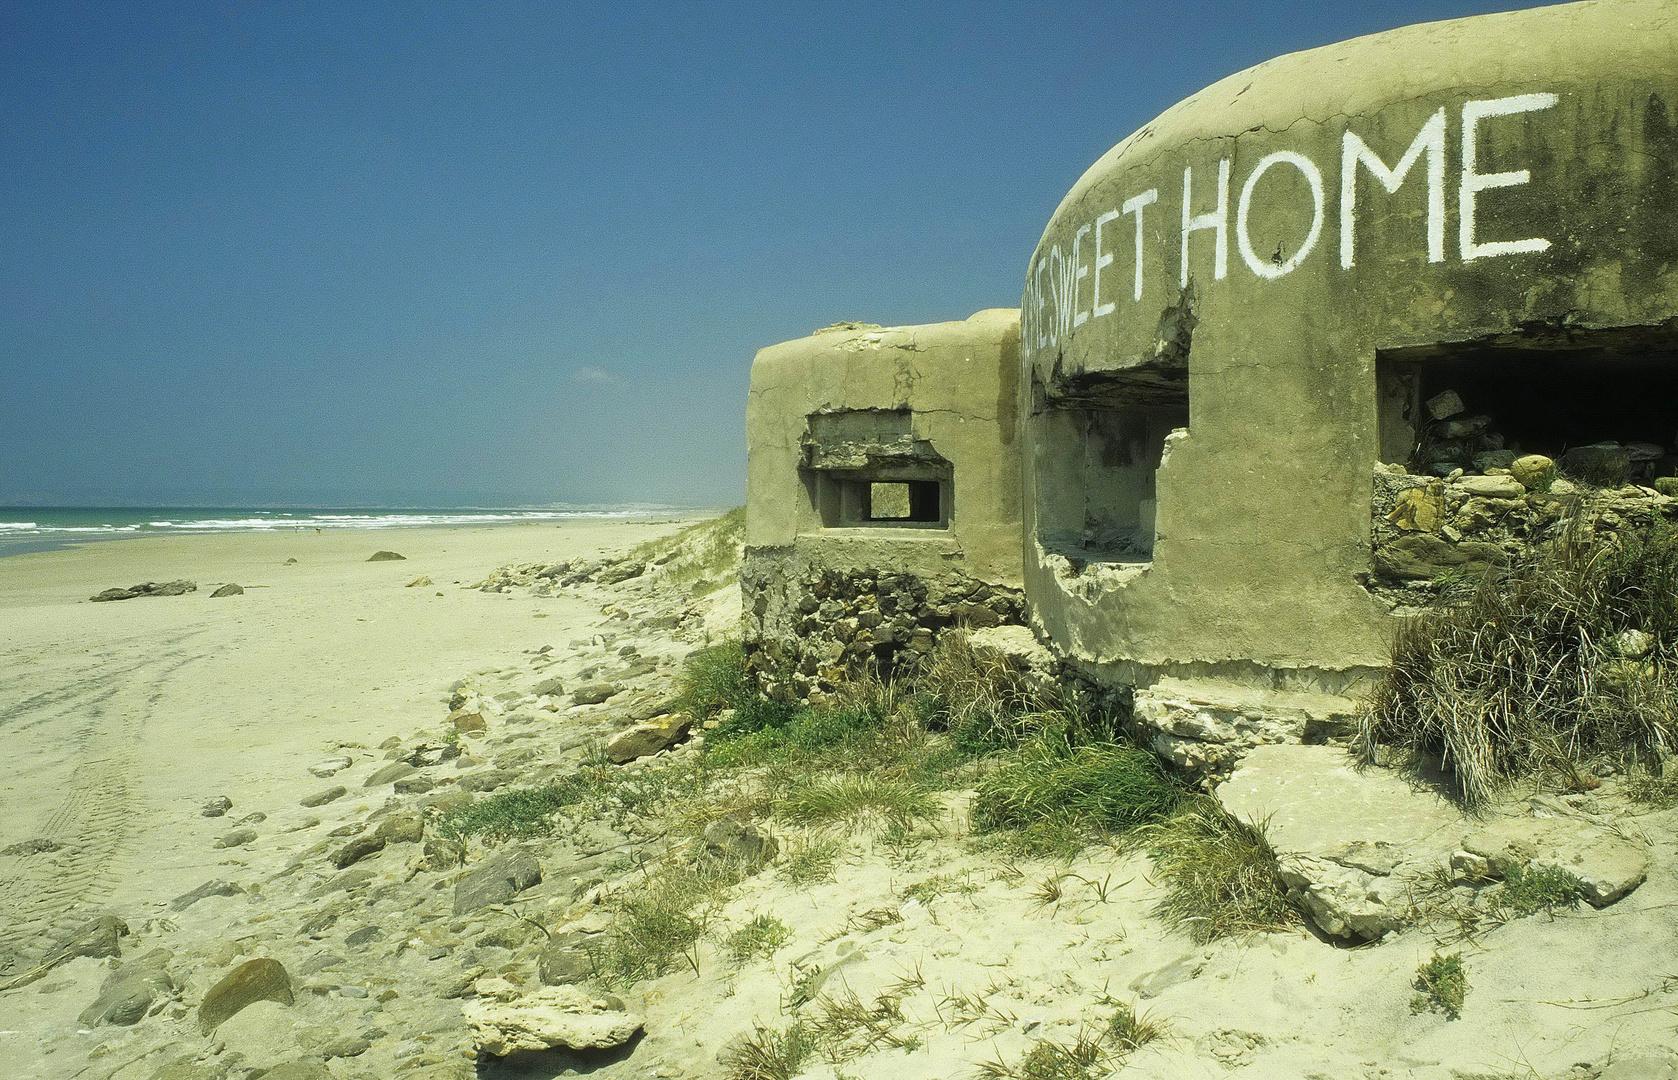 ...sweet Home...